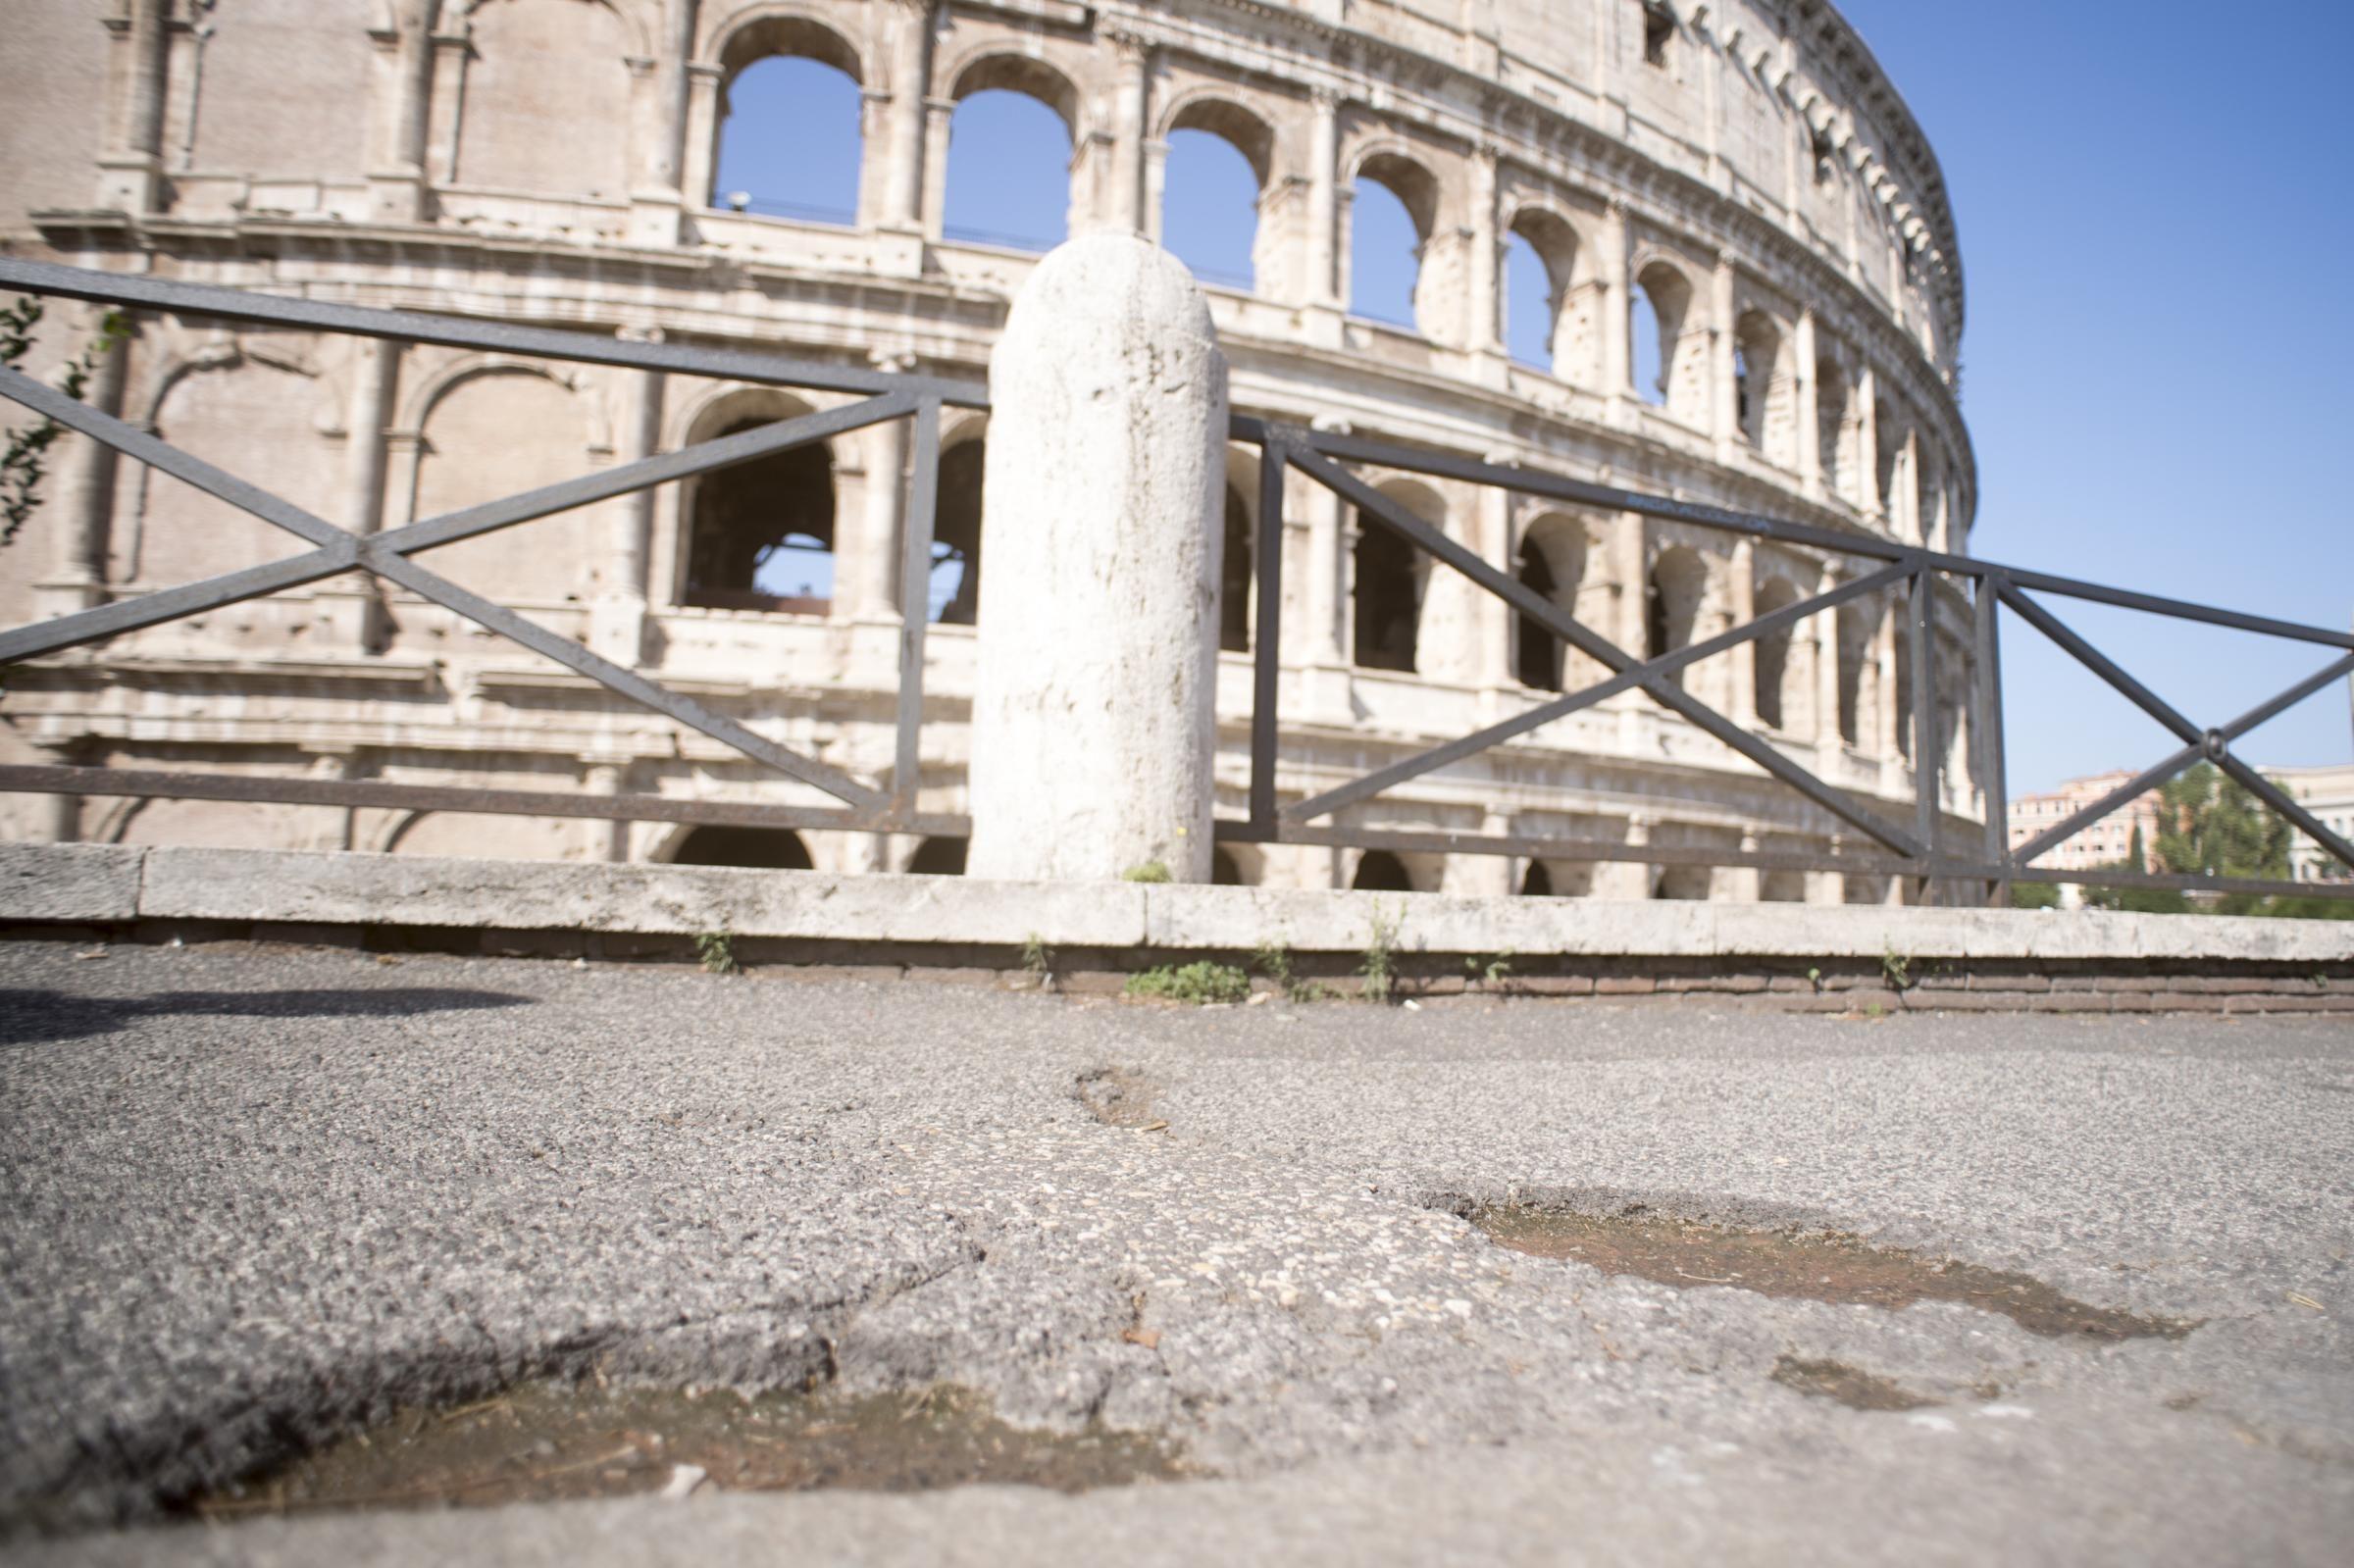 Buche di roma riparate dall 39 esercito la commissione for Commissione bilancio camera dei deputati